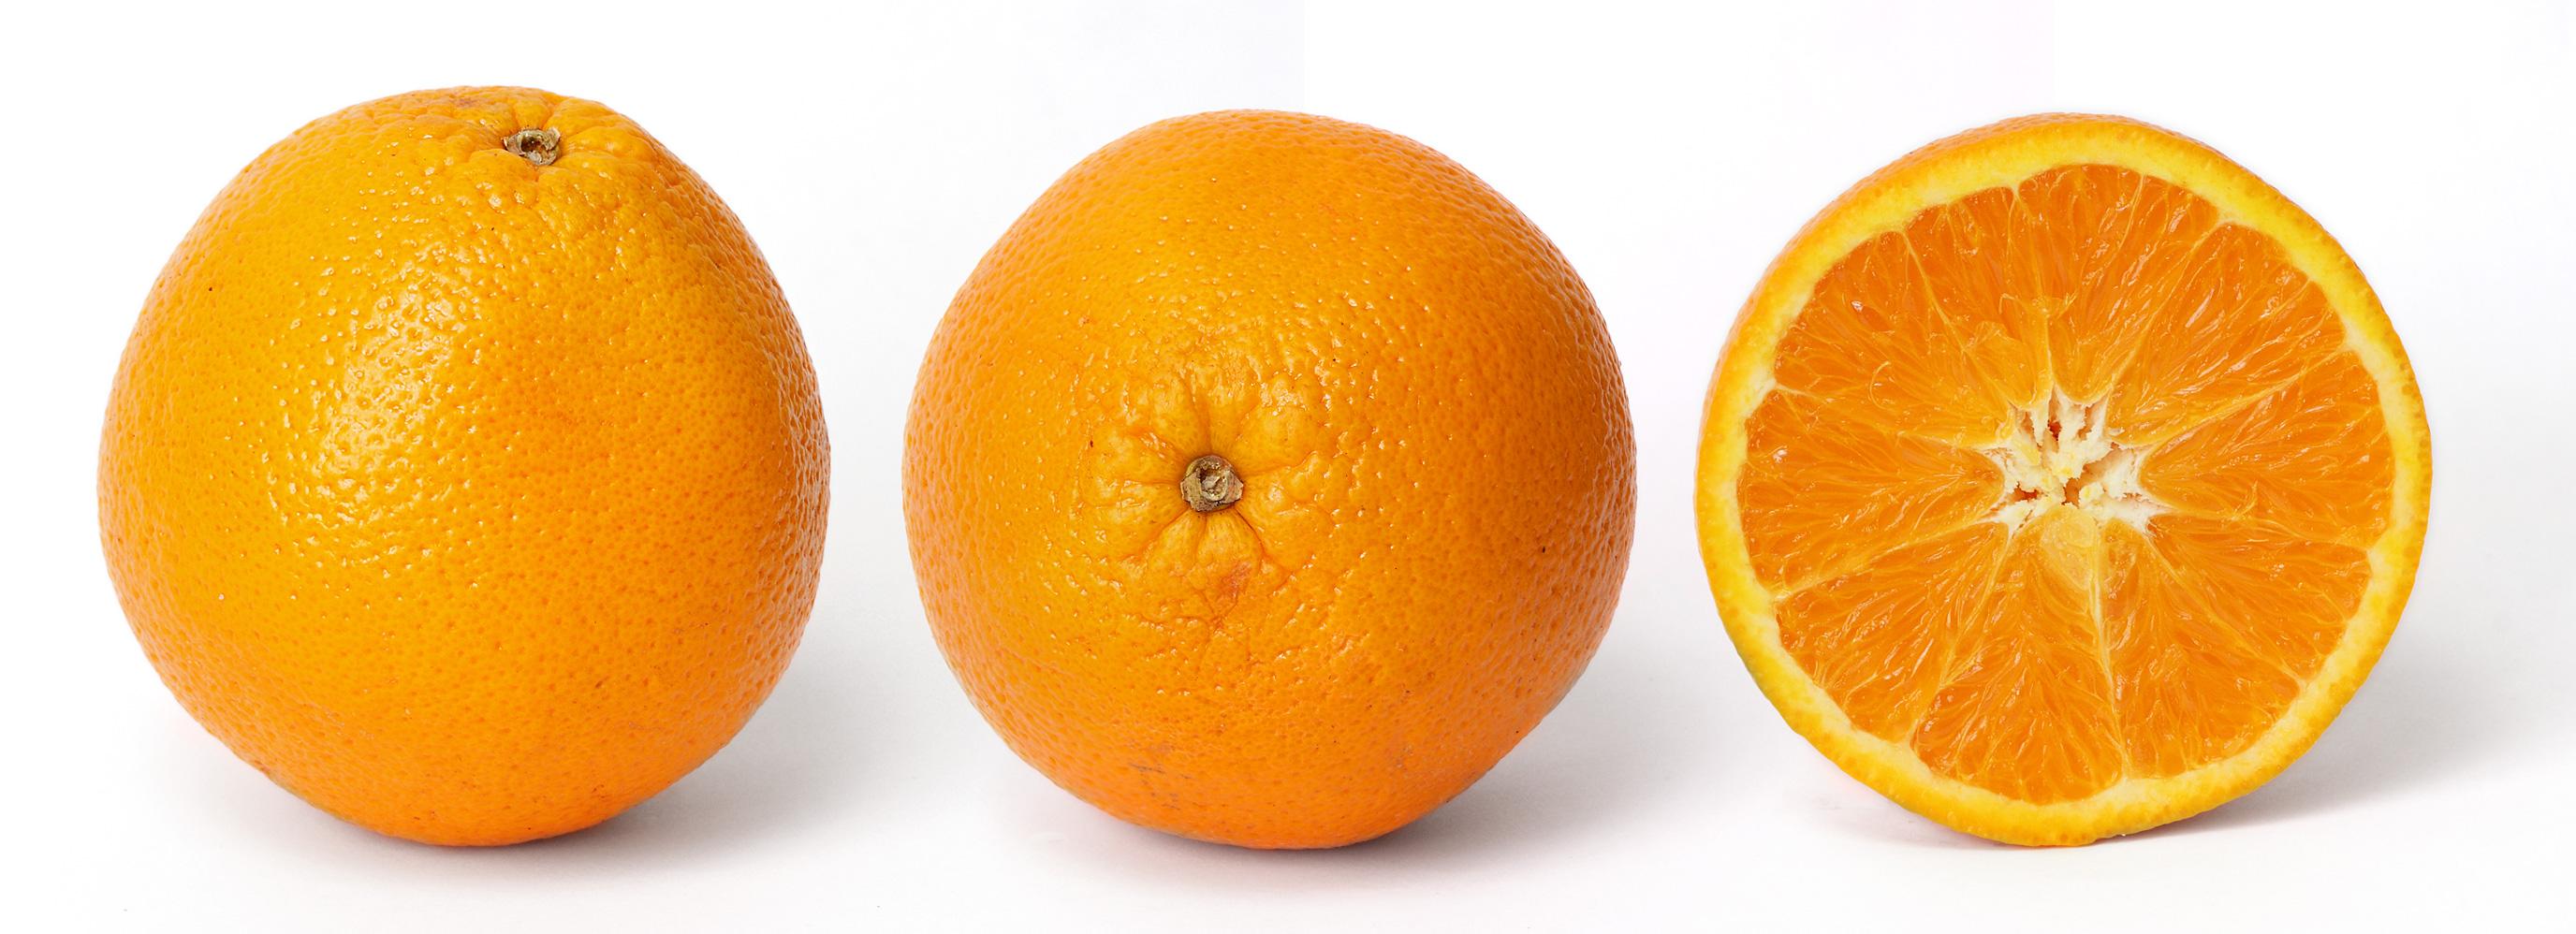 Апельсины, фото, обои, скачать